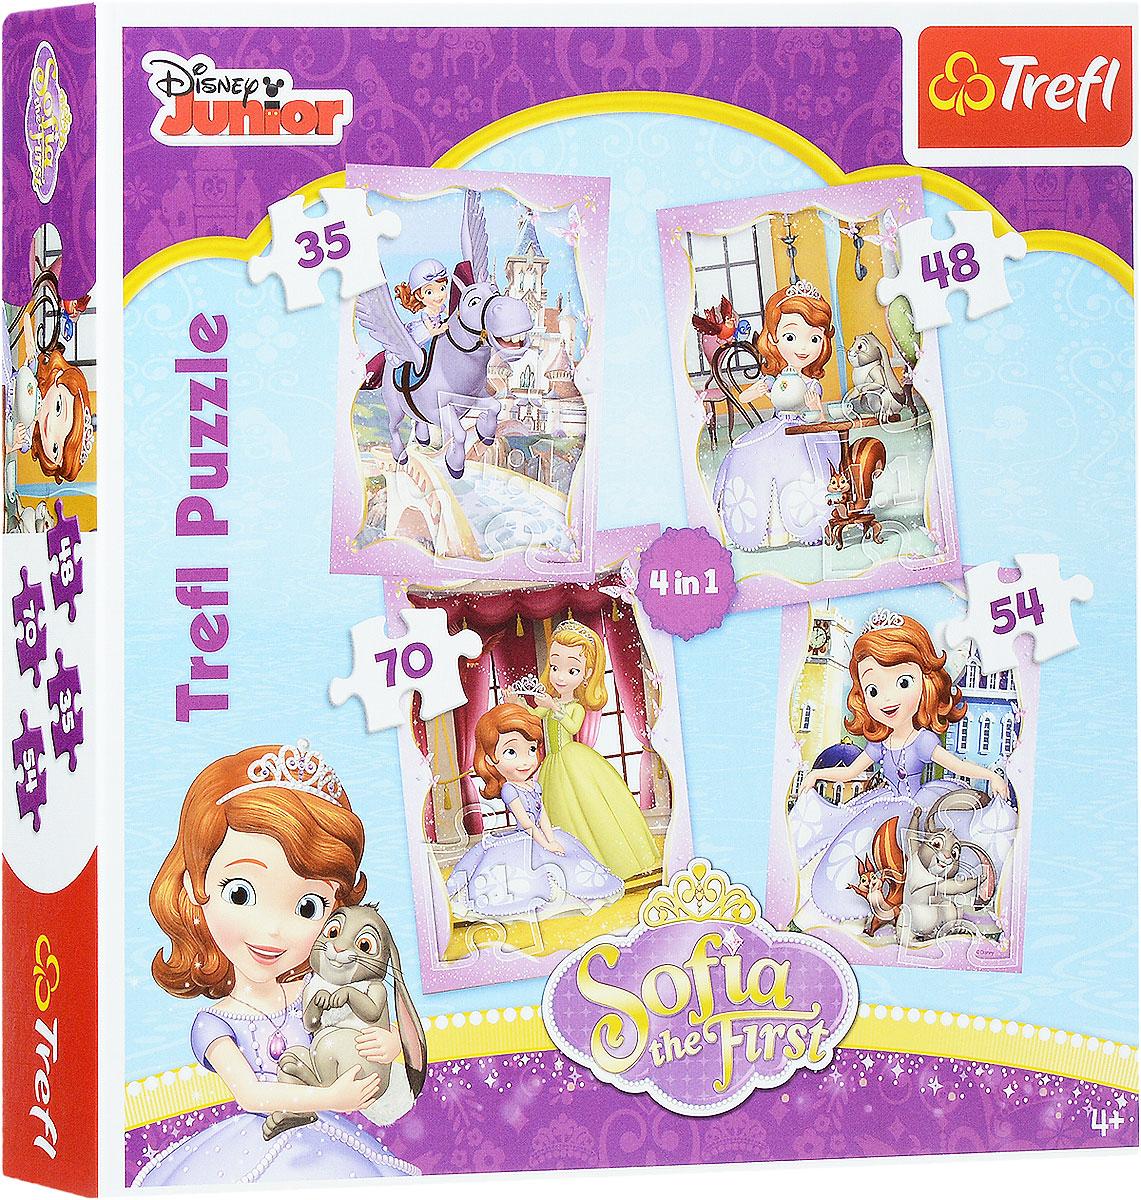 Trefl Пазл 4 в 1 Счастливый день Софии34247Набор Счастливый день Софии: 4 в 1 от бренда Trefl станет полезным и увлекательным подарком для маленьких любителей головоломок. В таком наборе вы найдете 4 пазла, на которых изображены сцены из жизни диснеевской принцессы Софии Прекрасной. С таким набором можно собрать не один, а целых четыре пазла, что позволит вашей малышке начать коллекцию тематических картинок, на которых нарисованы диснеевские герои. Пазлы имеют по 35, 48, 54 и 70 элементов. Игра выпущена польским брендом Trefl, известным своими пазлами во всем мире. Дело в том, что это пазлы высочайшего качества, изготавливающиеся из каландрированной бумаги, что позволяет приобрести им невероятную гладкость и яркие насыщенные цвета, которые не стираются со временем. Кроме того, это экологически чистая продукция, не способная нанести вреда ребенку и окружающей среде. Игра улучшает мелкую моторику, развивает логические навыки и воображение. Размер готовых изображений: 205 мм х 285 мм.